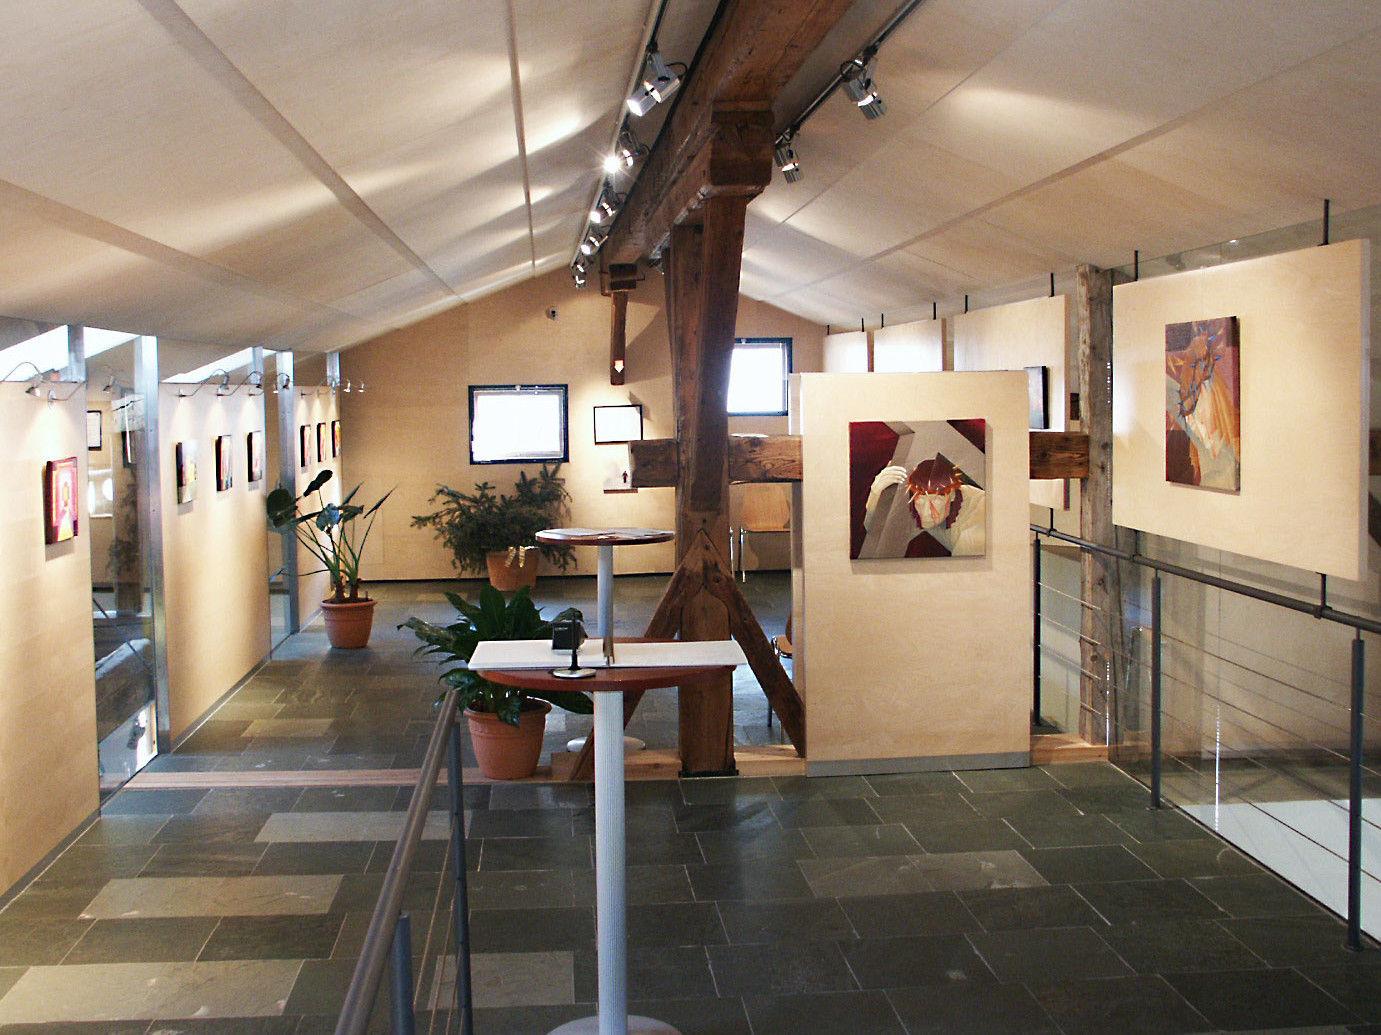 Gallery in the Schusterhaus